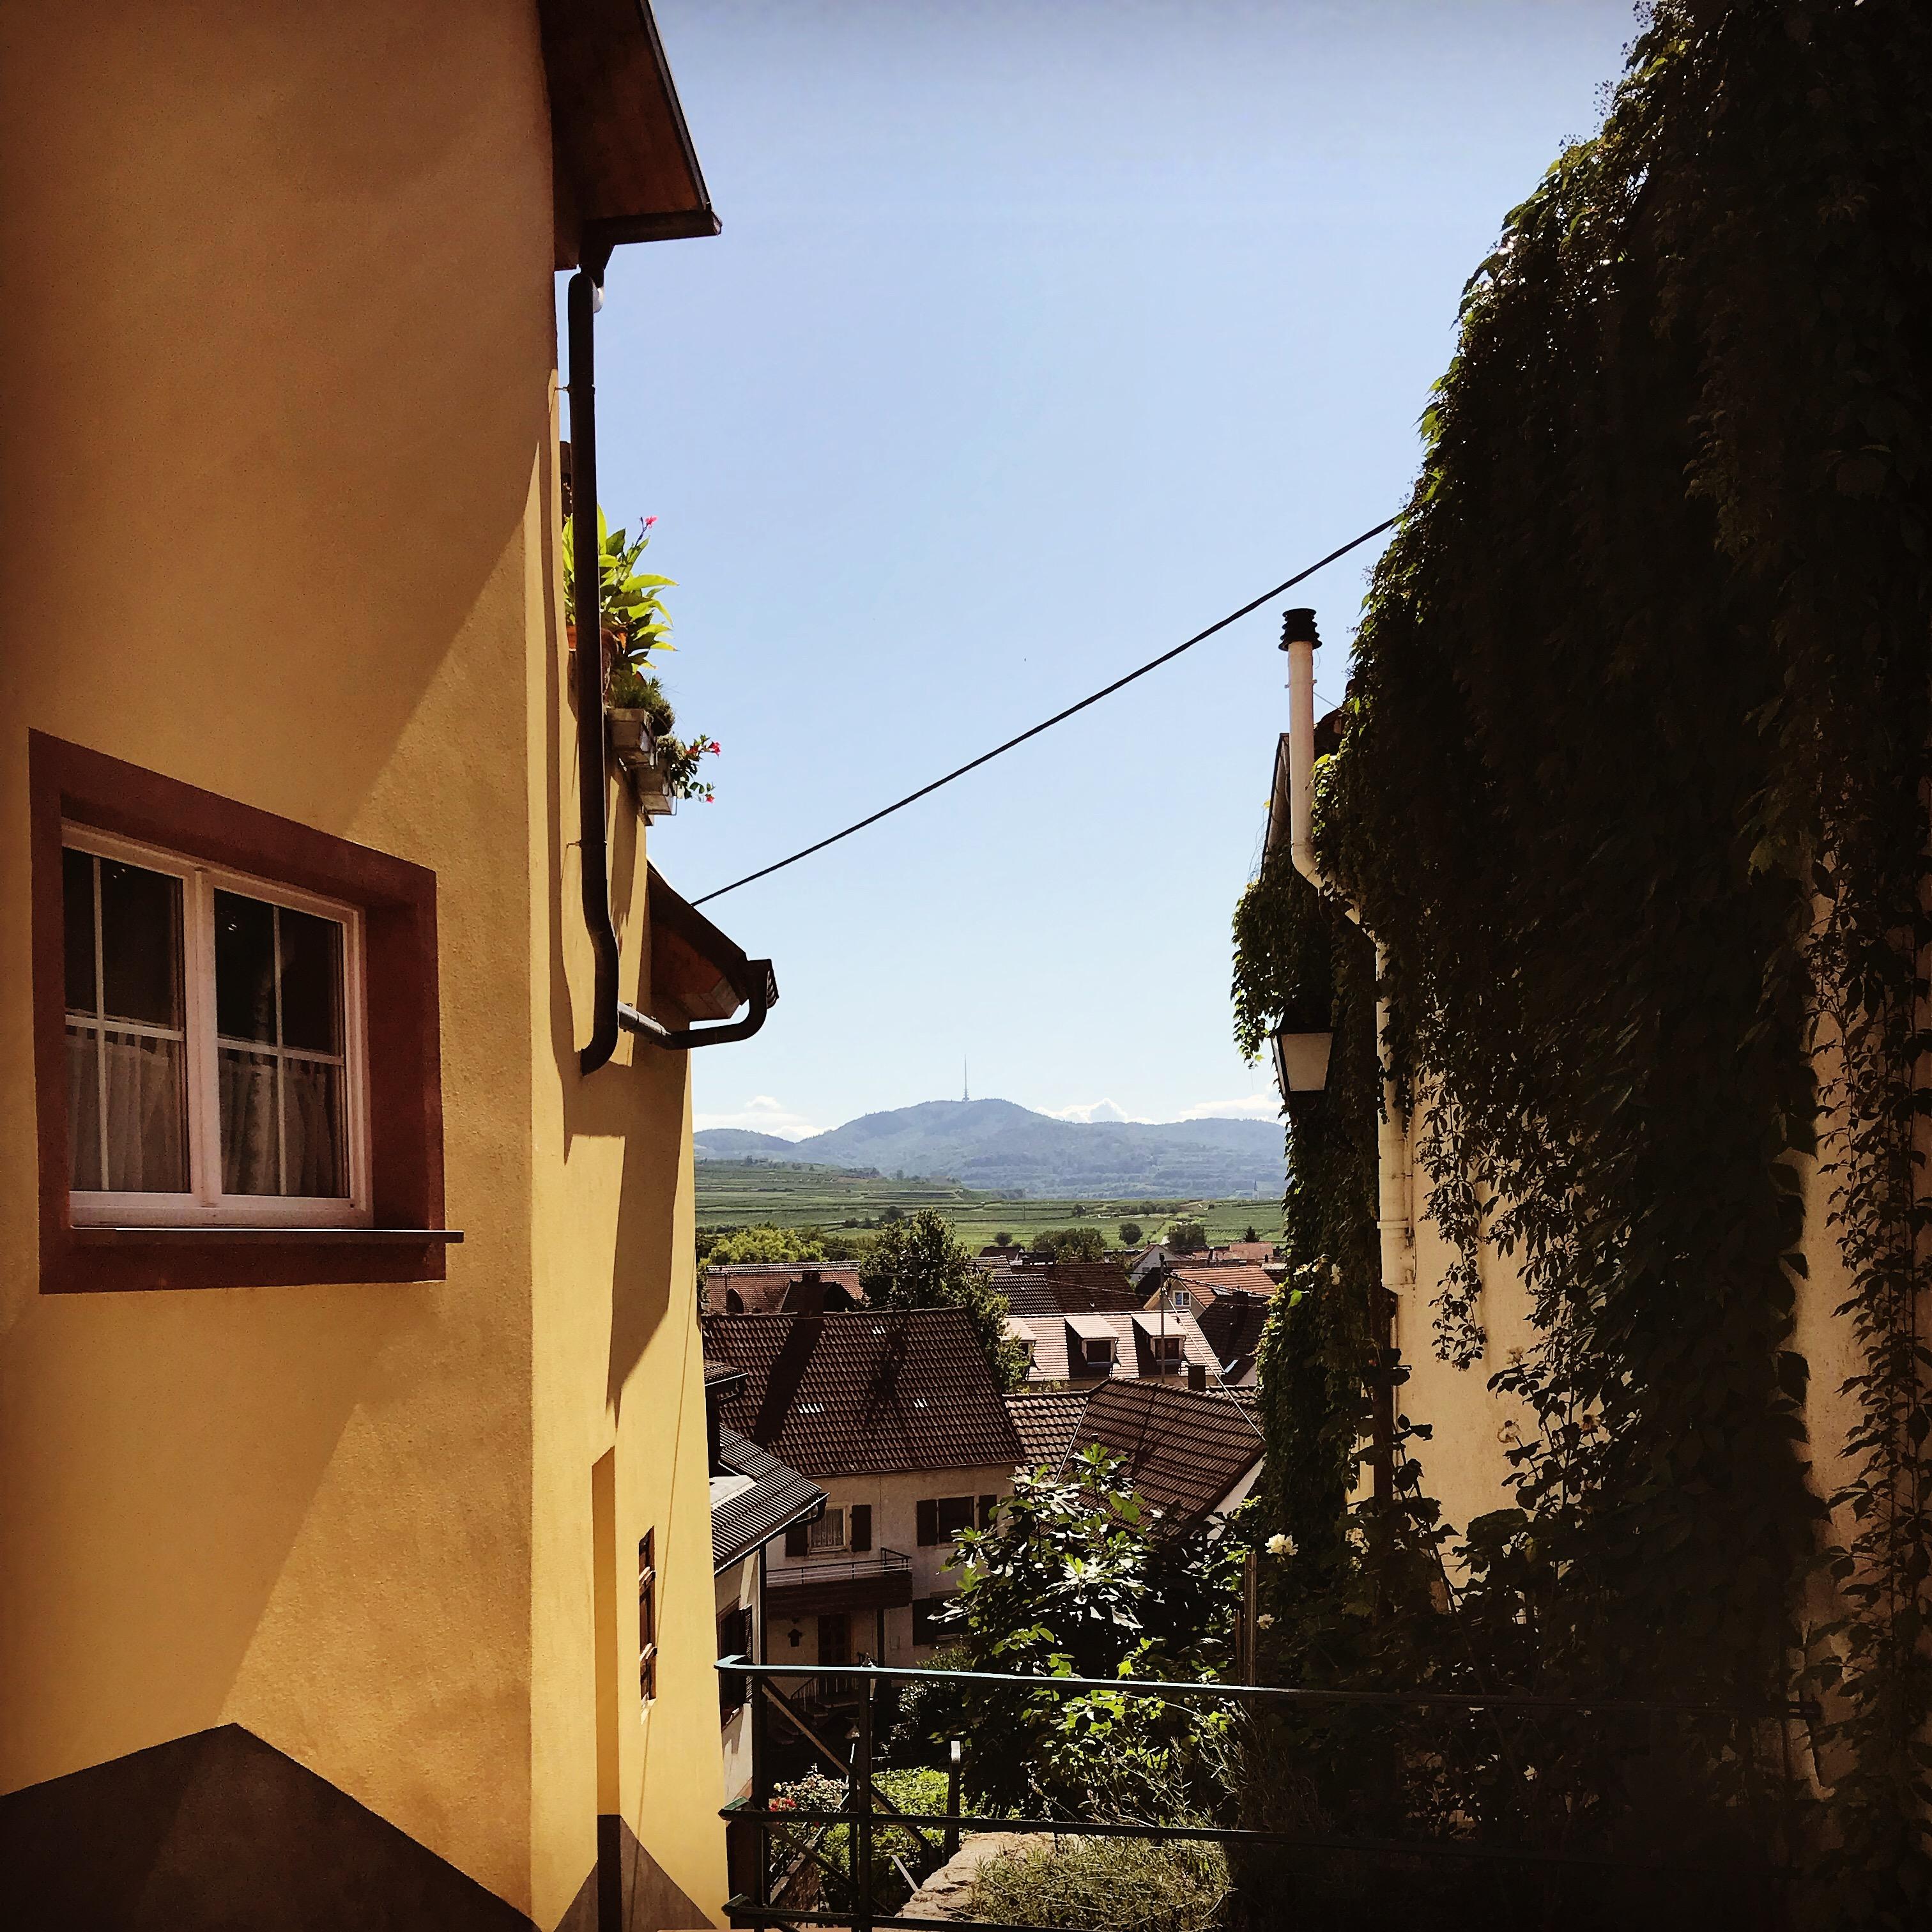 Burkheim Kaiserstuhl